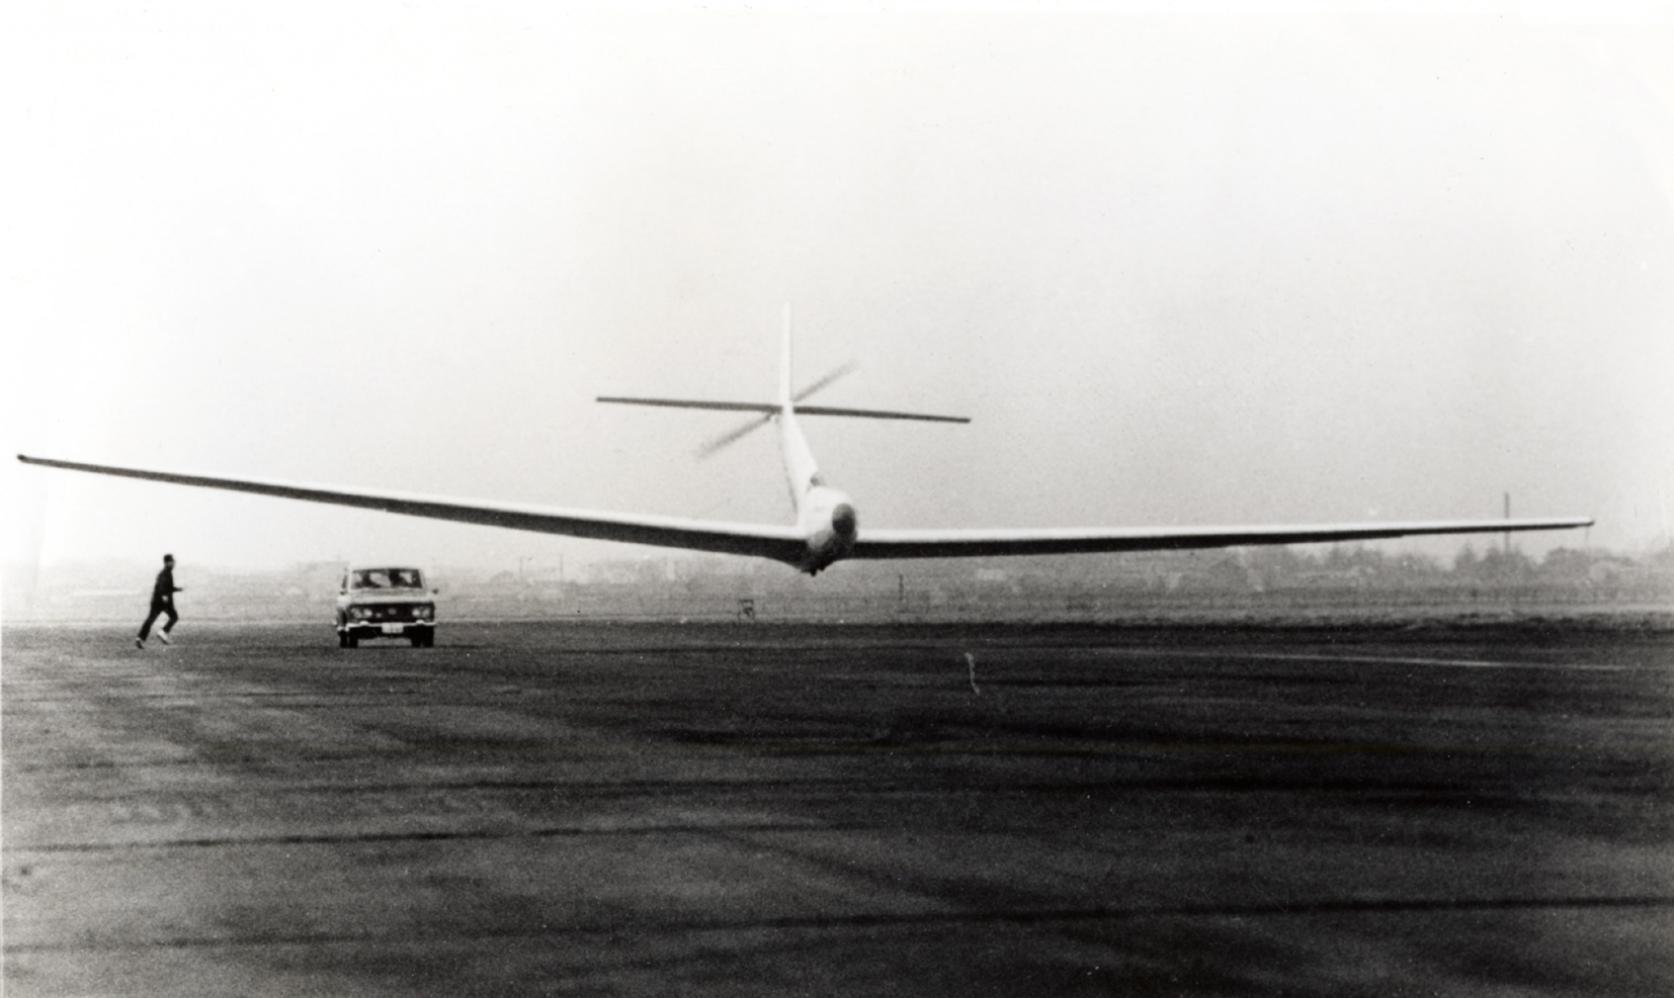 【2月27日】1966年の本日、日本大学理工学部の人力飛行機 「リネット号」が、調布飛行場にて日本初の人力飛行に成功しました。